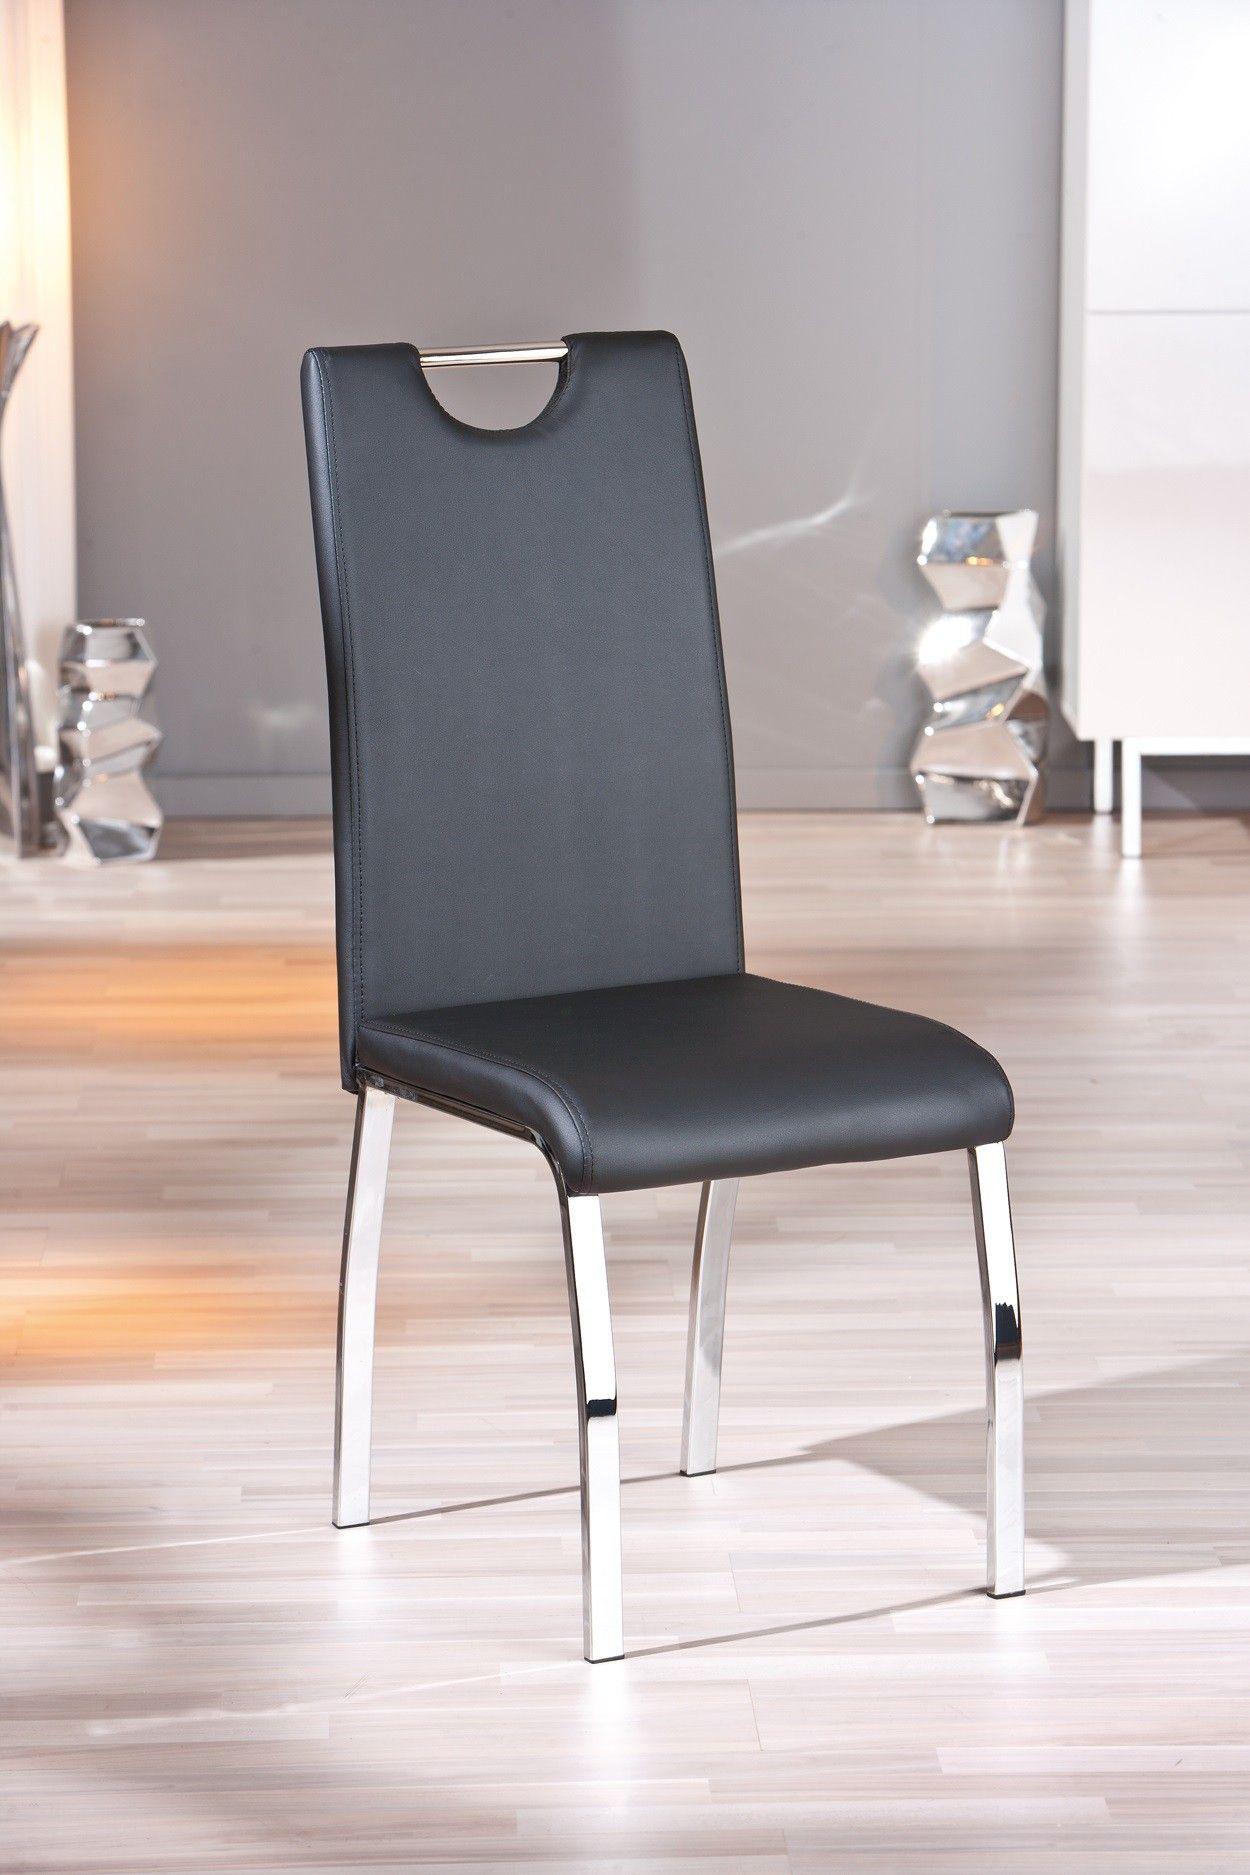 Chaise Design De Salle A Manger Coloris Noir Lot De 2 Ushuaya Chaise Design Chaise Chaise De Salle A Manger Salle A Manger Moderne Chaise Salle A Manger